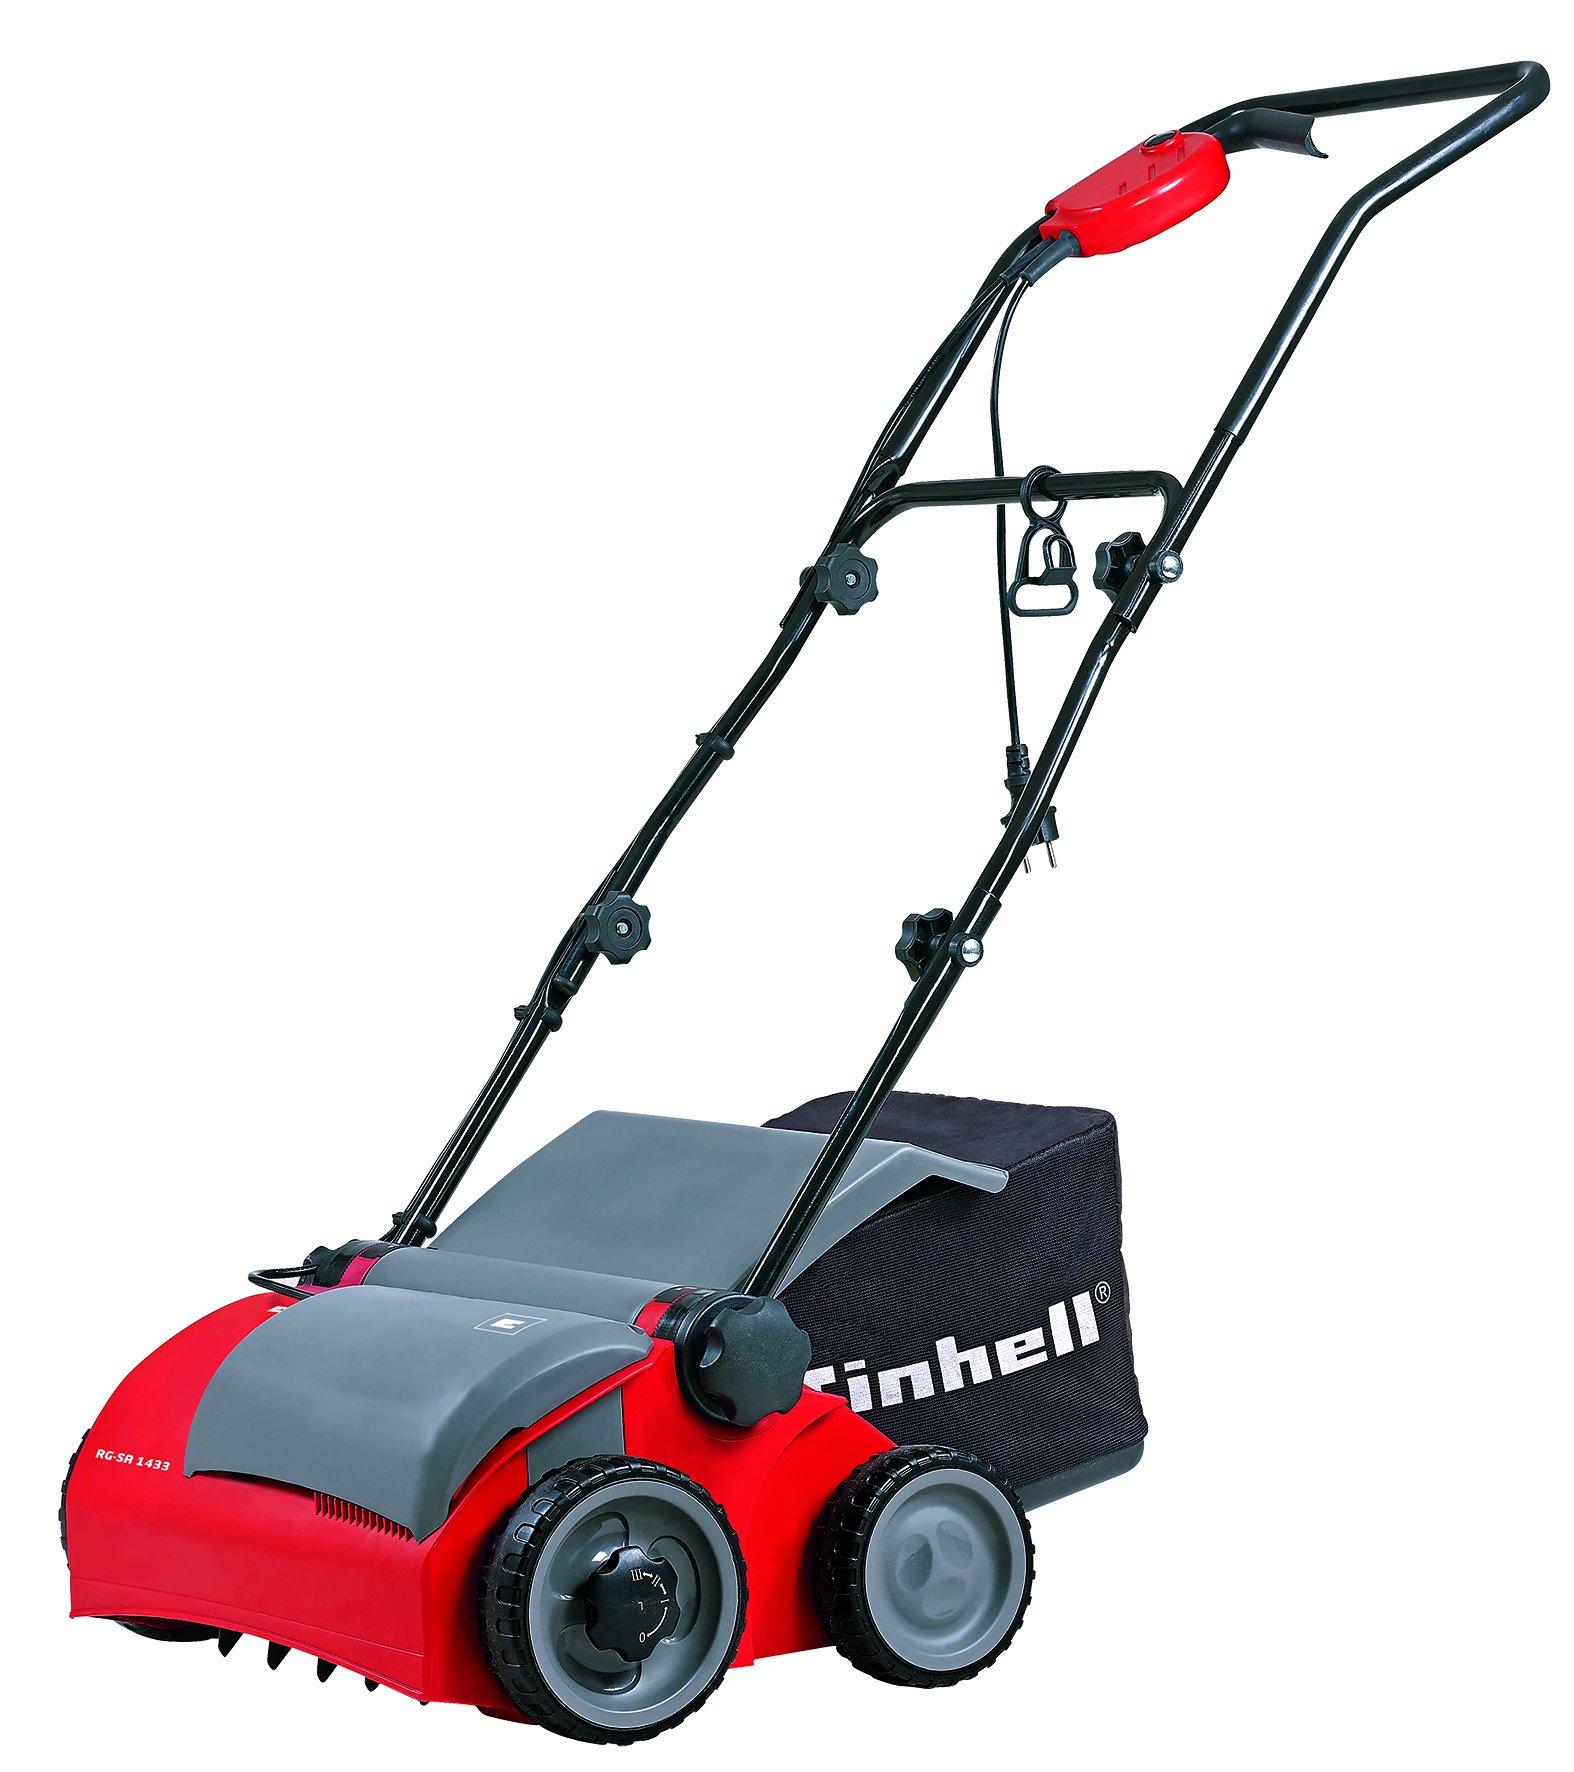 Einhell RG-SA1433, 1400 W, 230 V, Negro, Rojo, 1